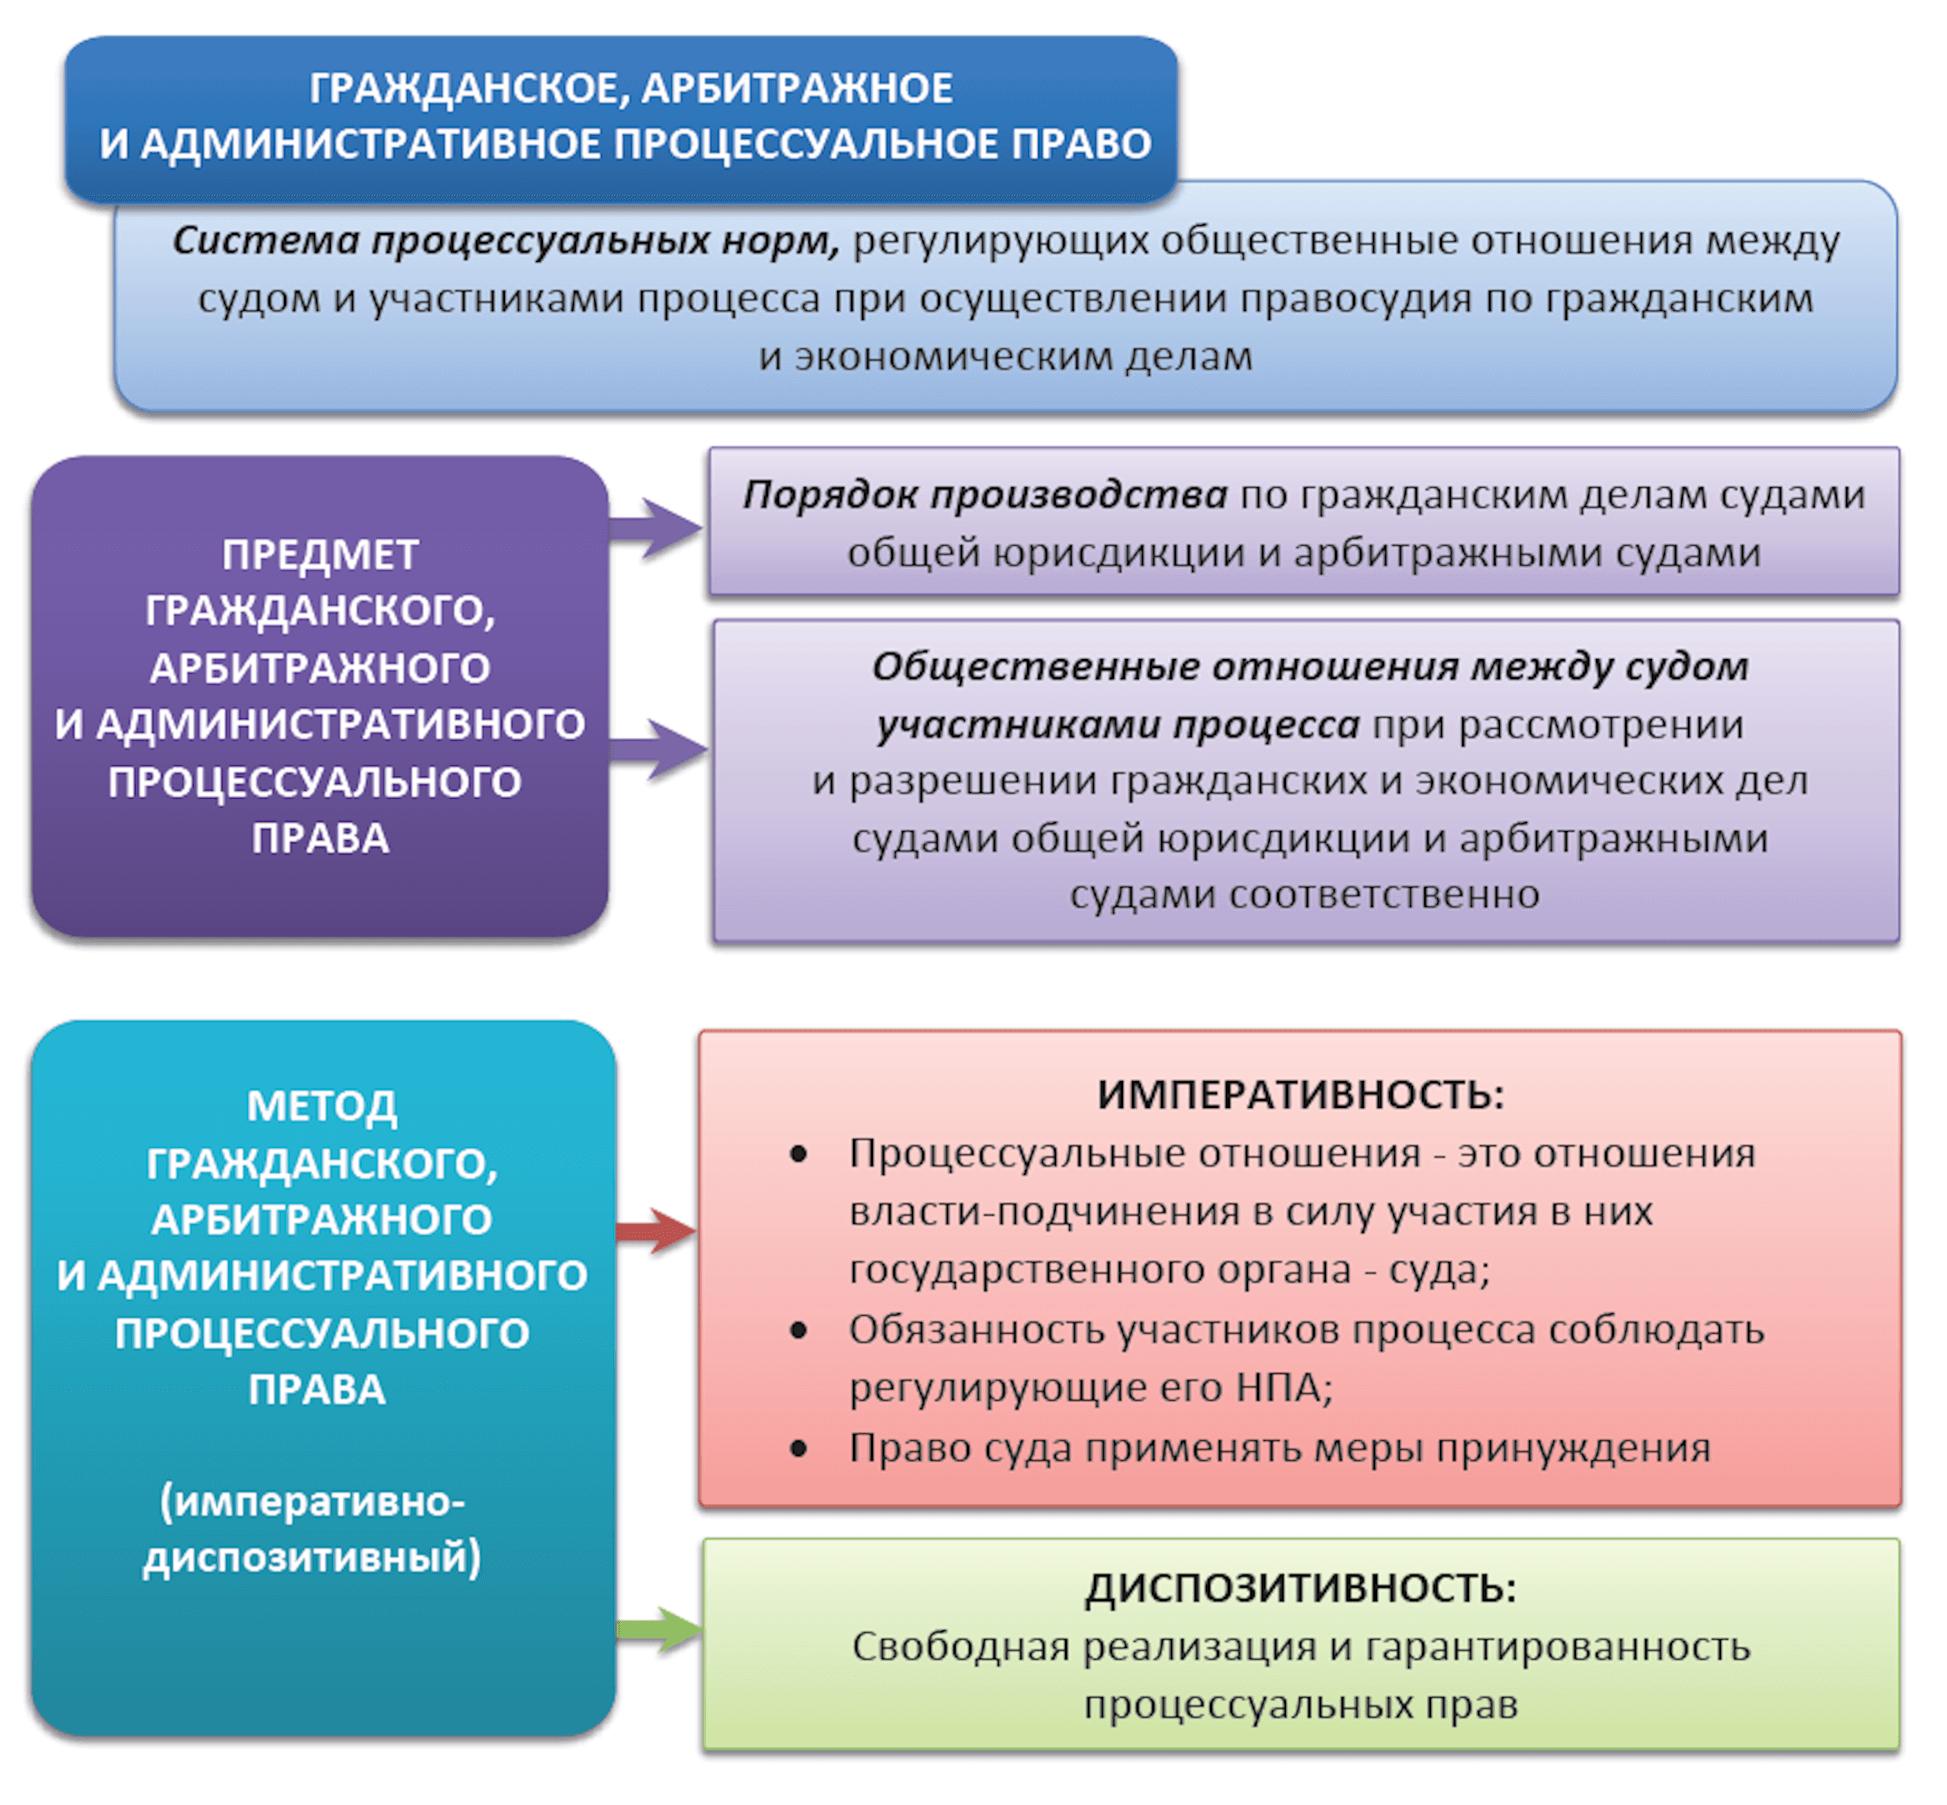 Схема гражданского, арбитражного и административного процесса